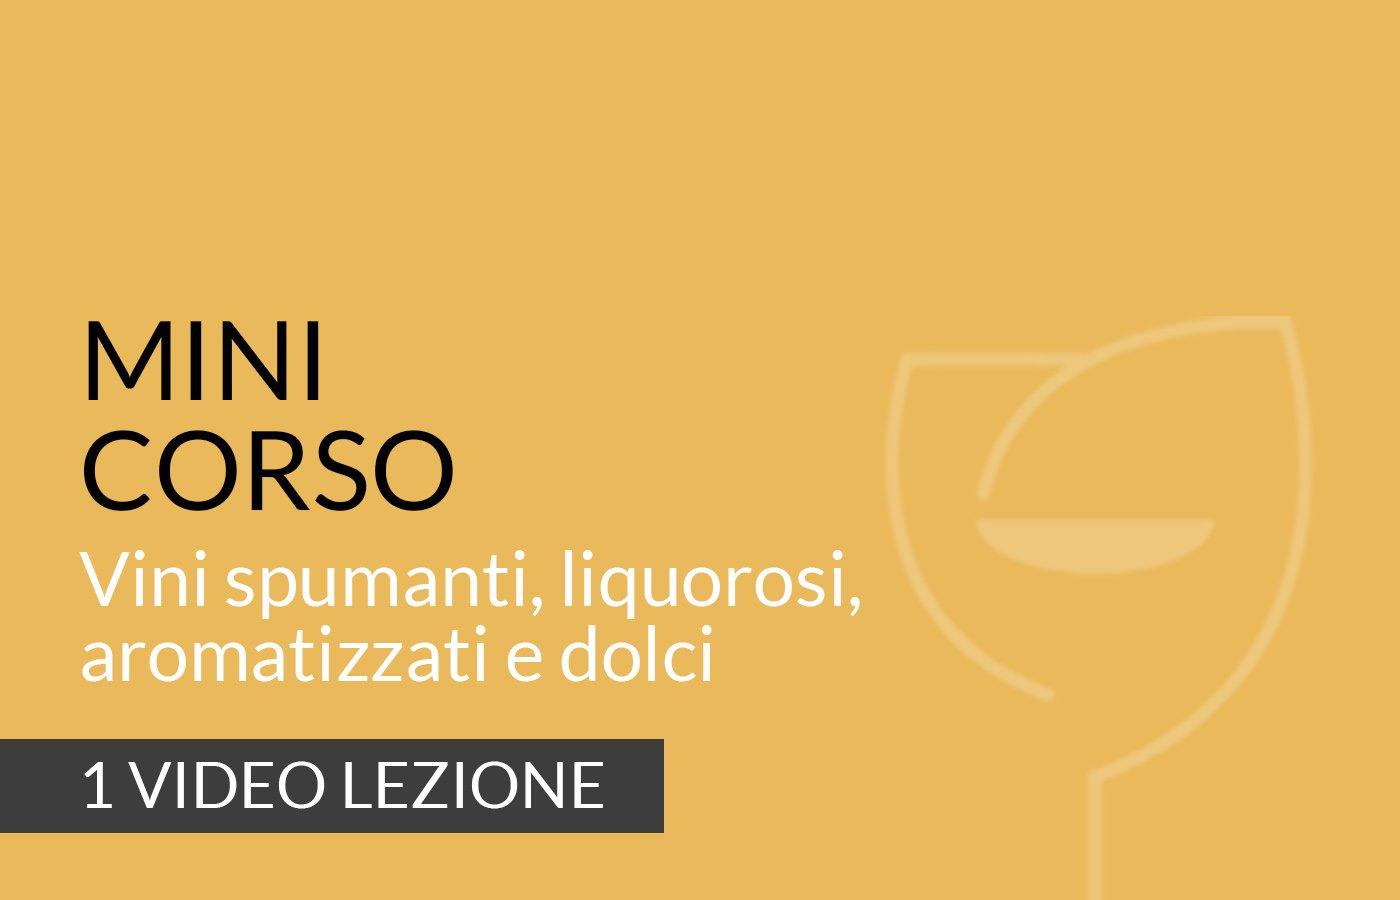 Vini spumanti, liquorosi, aromatizzati e dolci corso